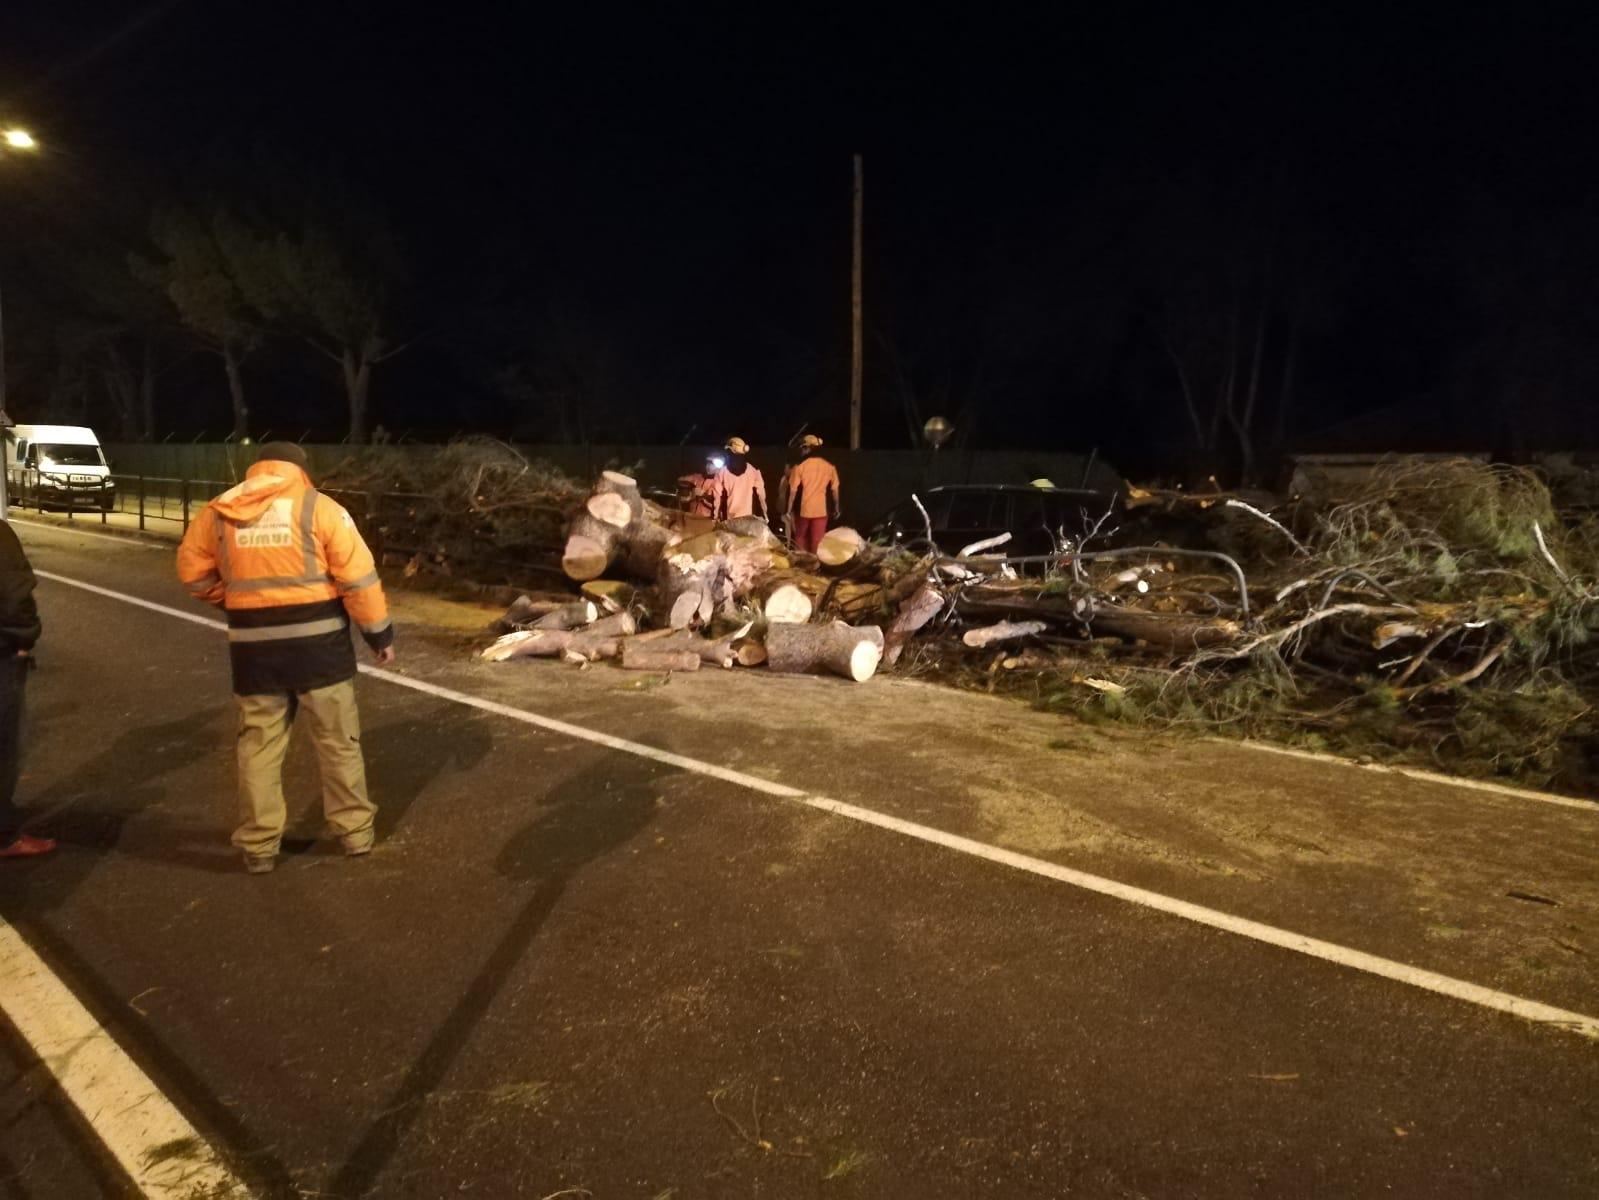 Pino Polideportivo de Boadilla. El árbol cayó sobre varios vehículos aparcados 2